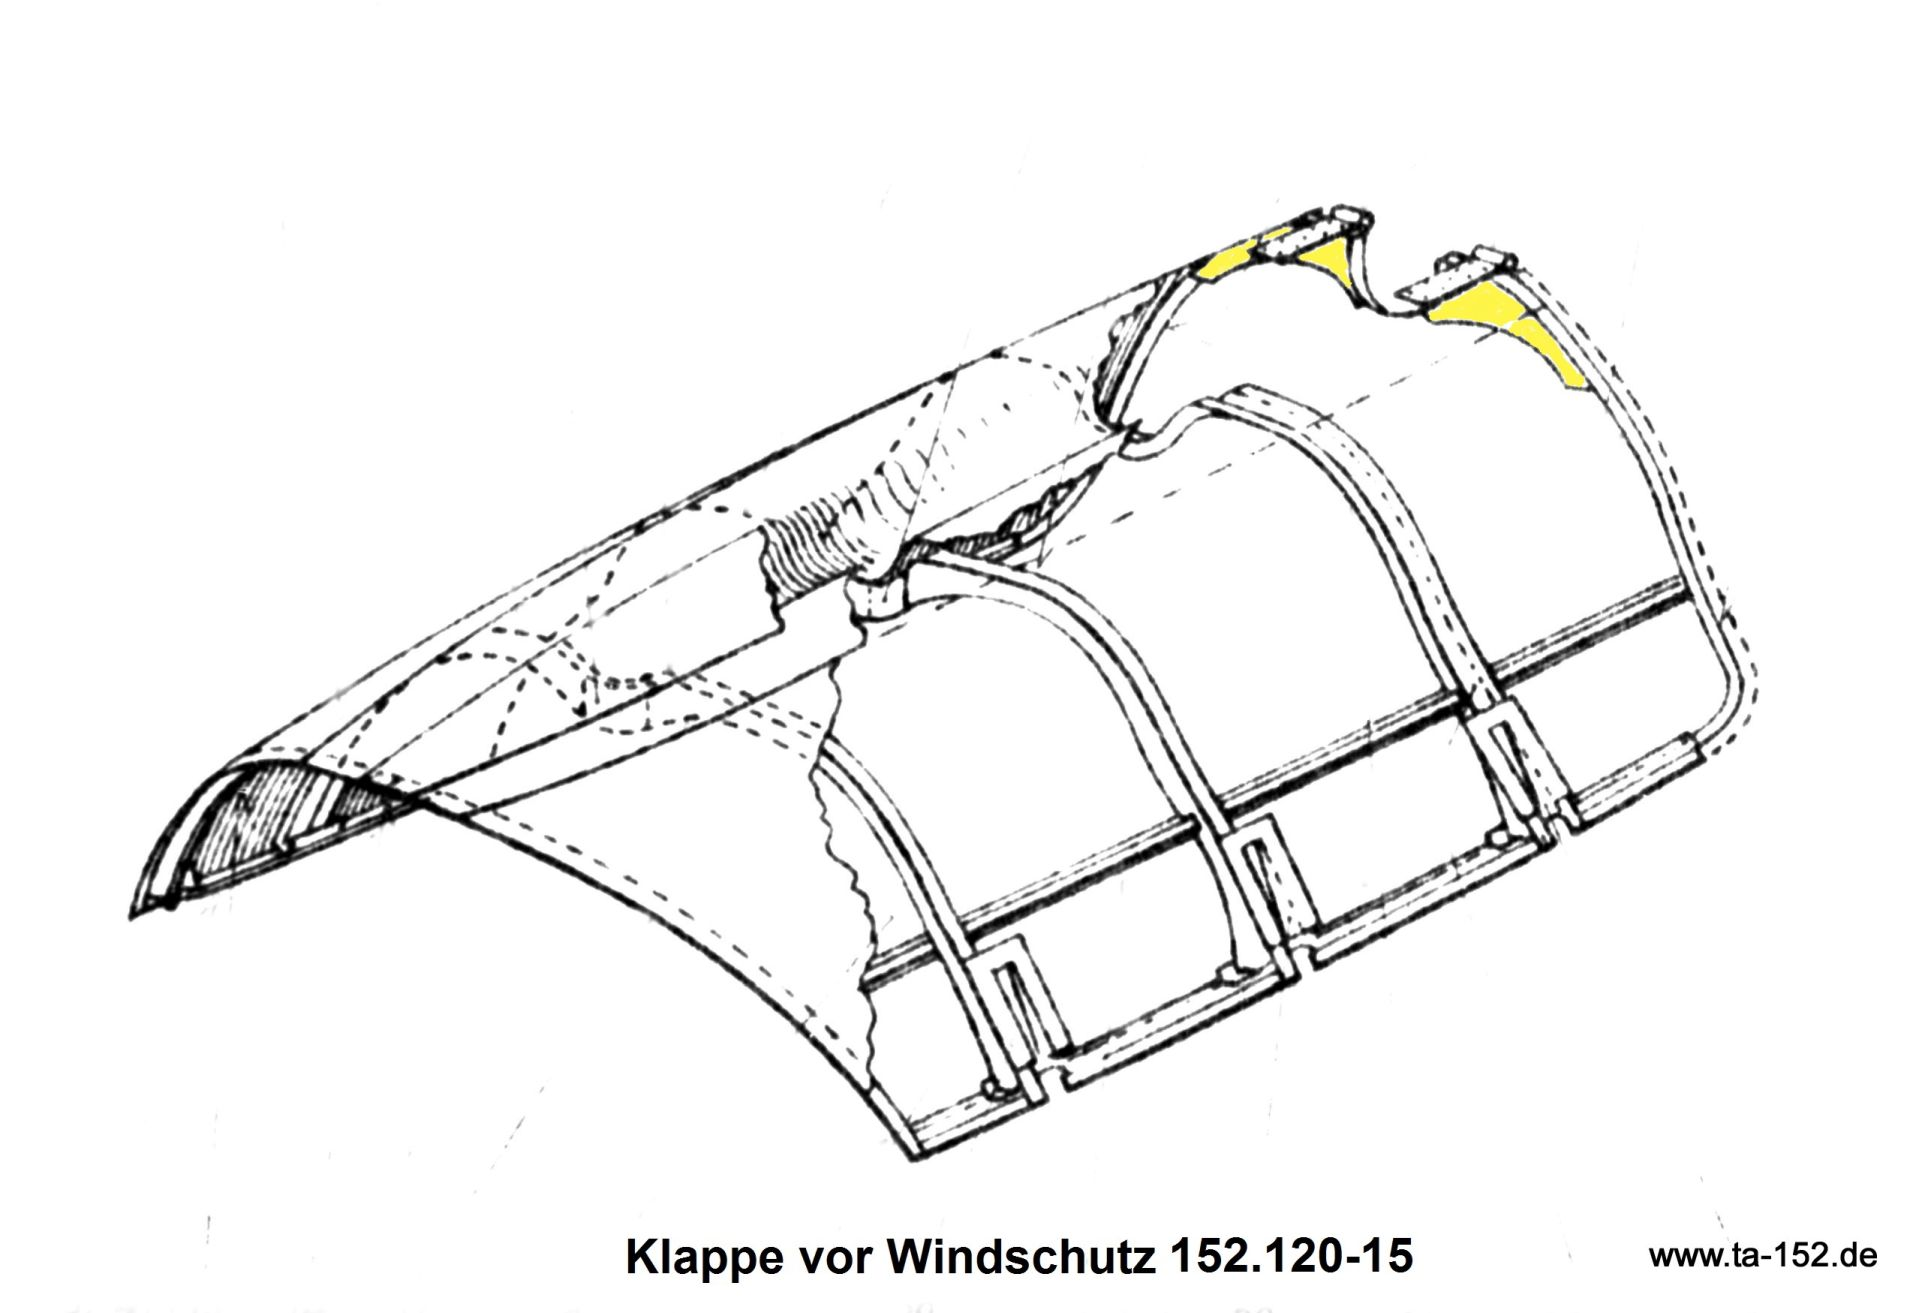 klappe-vor-windschutz-2